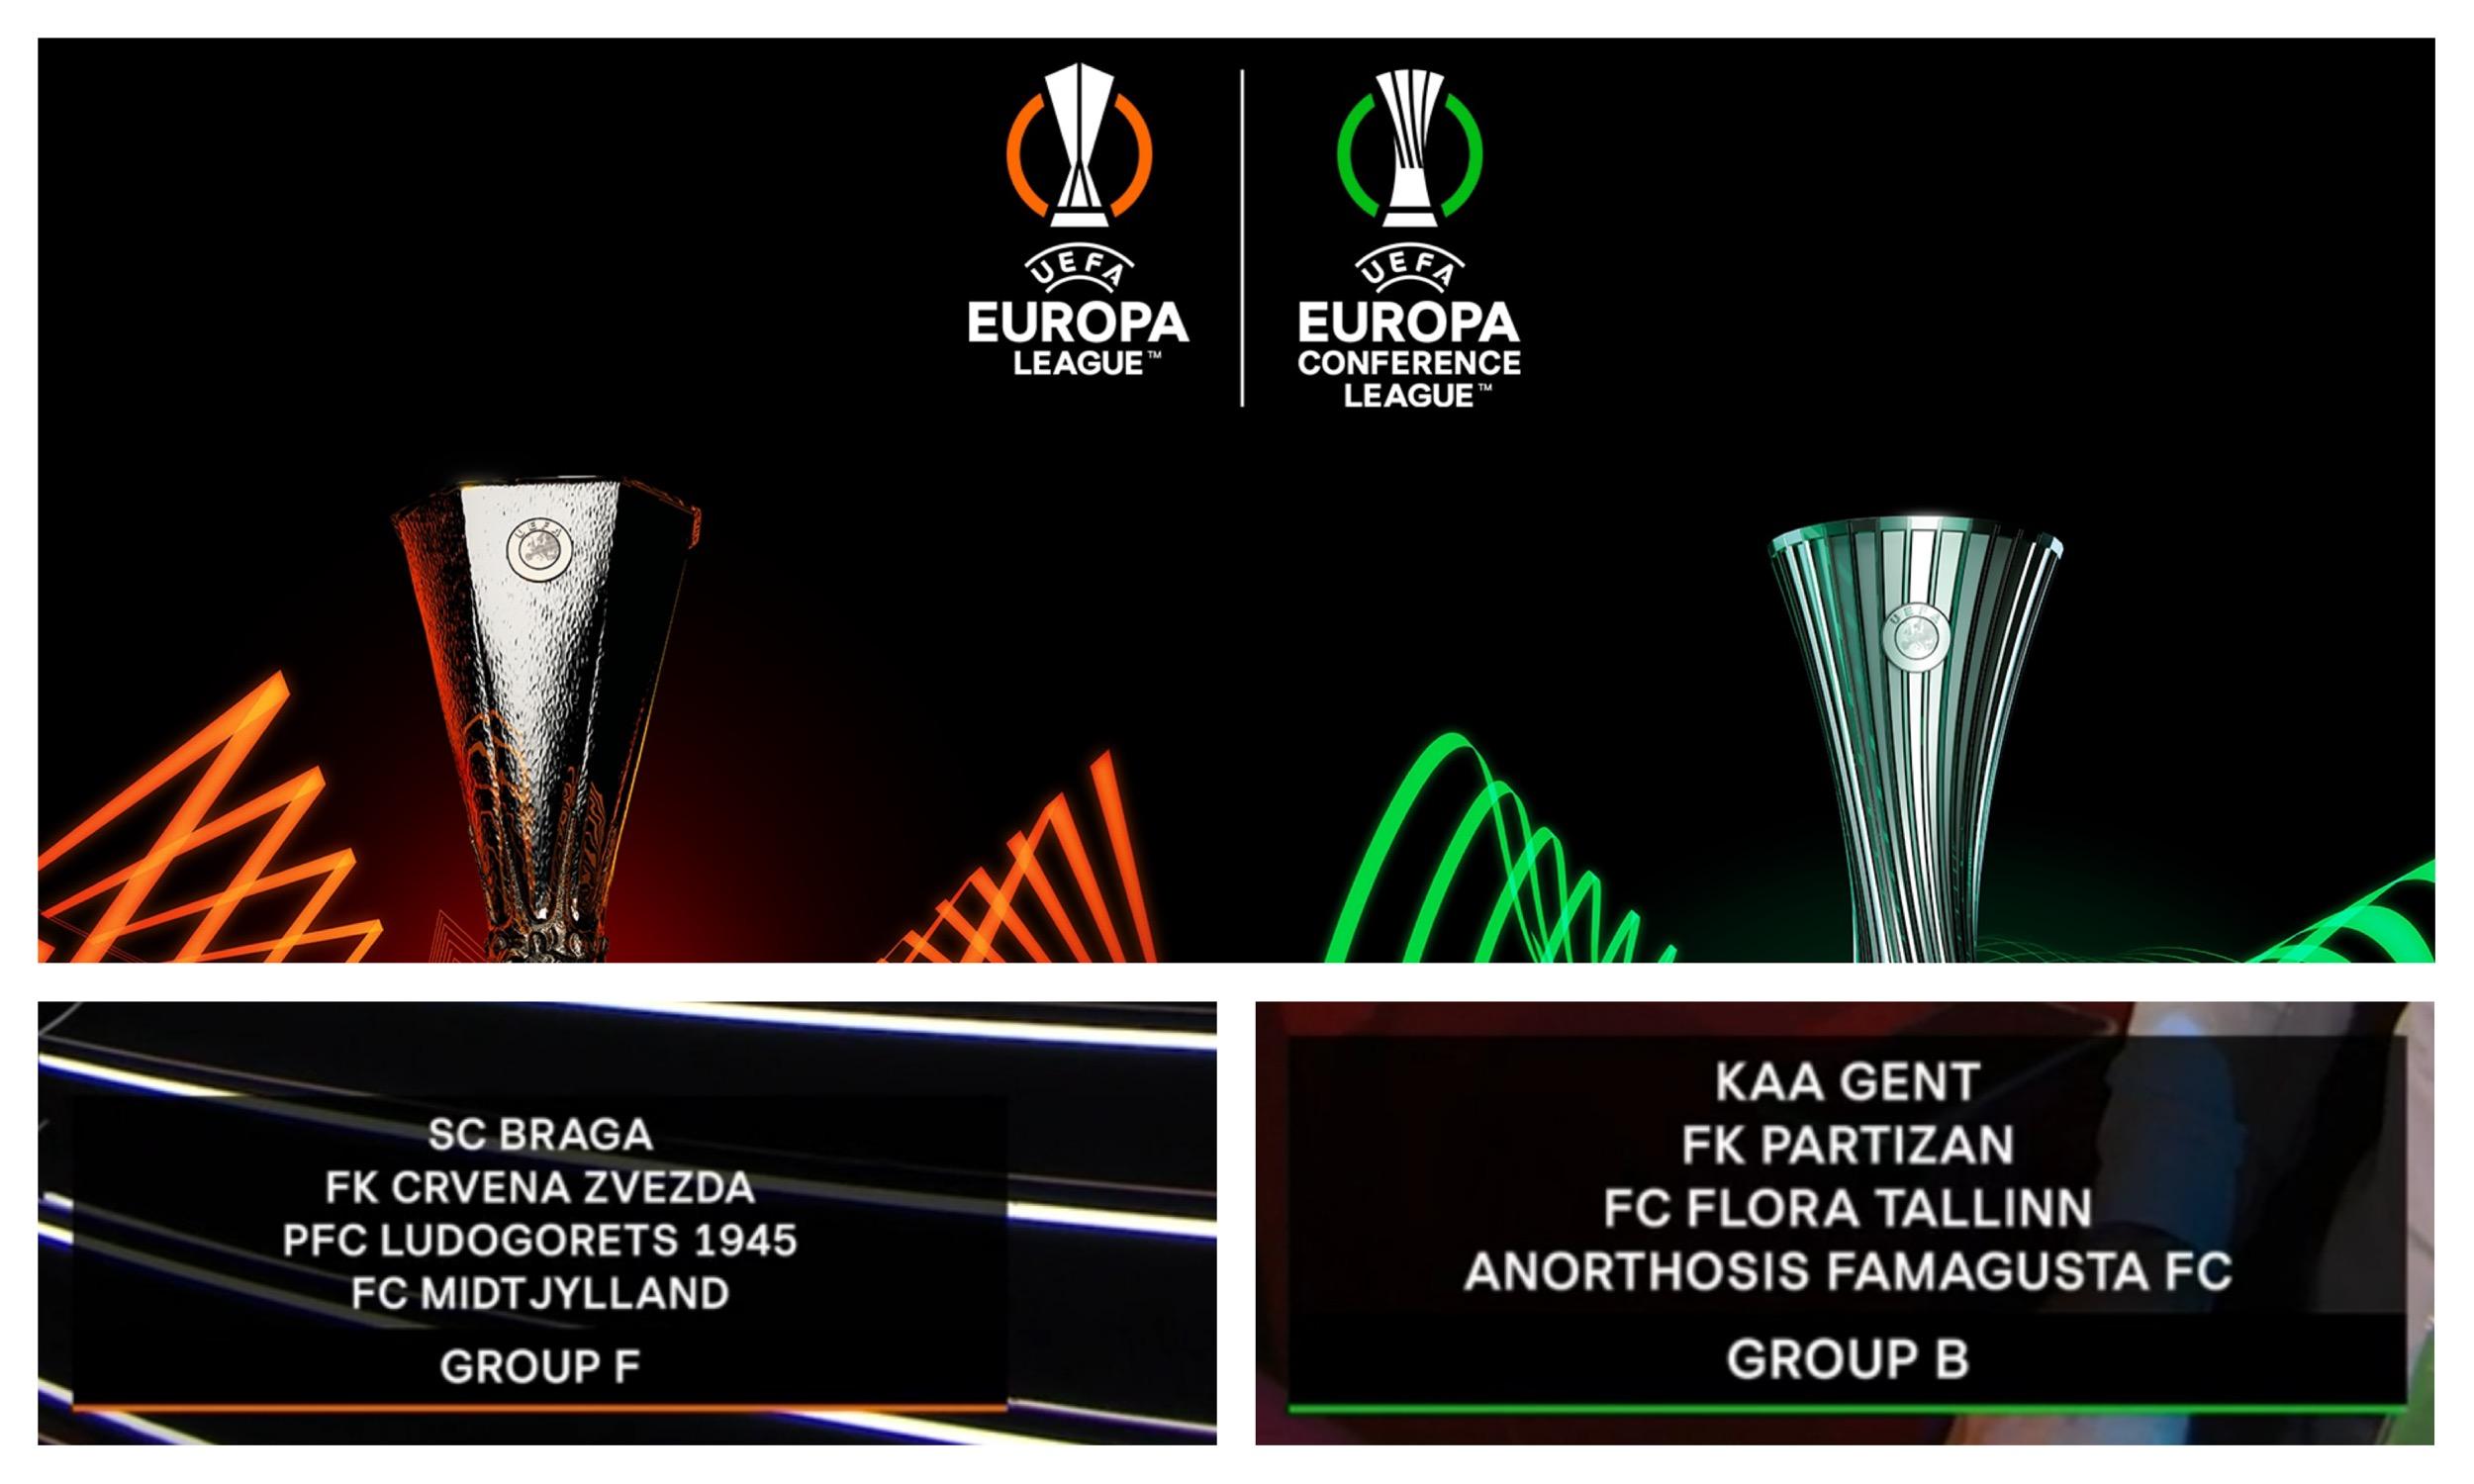 Analiza žreba za UEFA takmičenja: Srbija nadomak dvostrukog proleća u Evropi